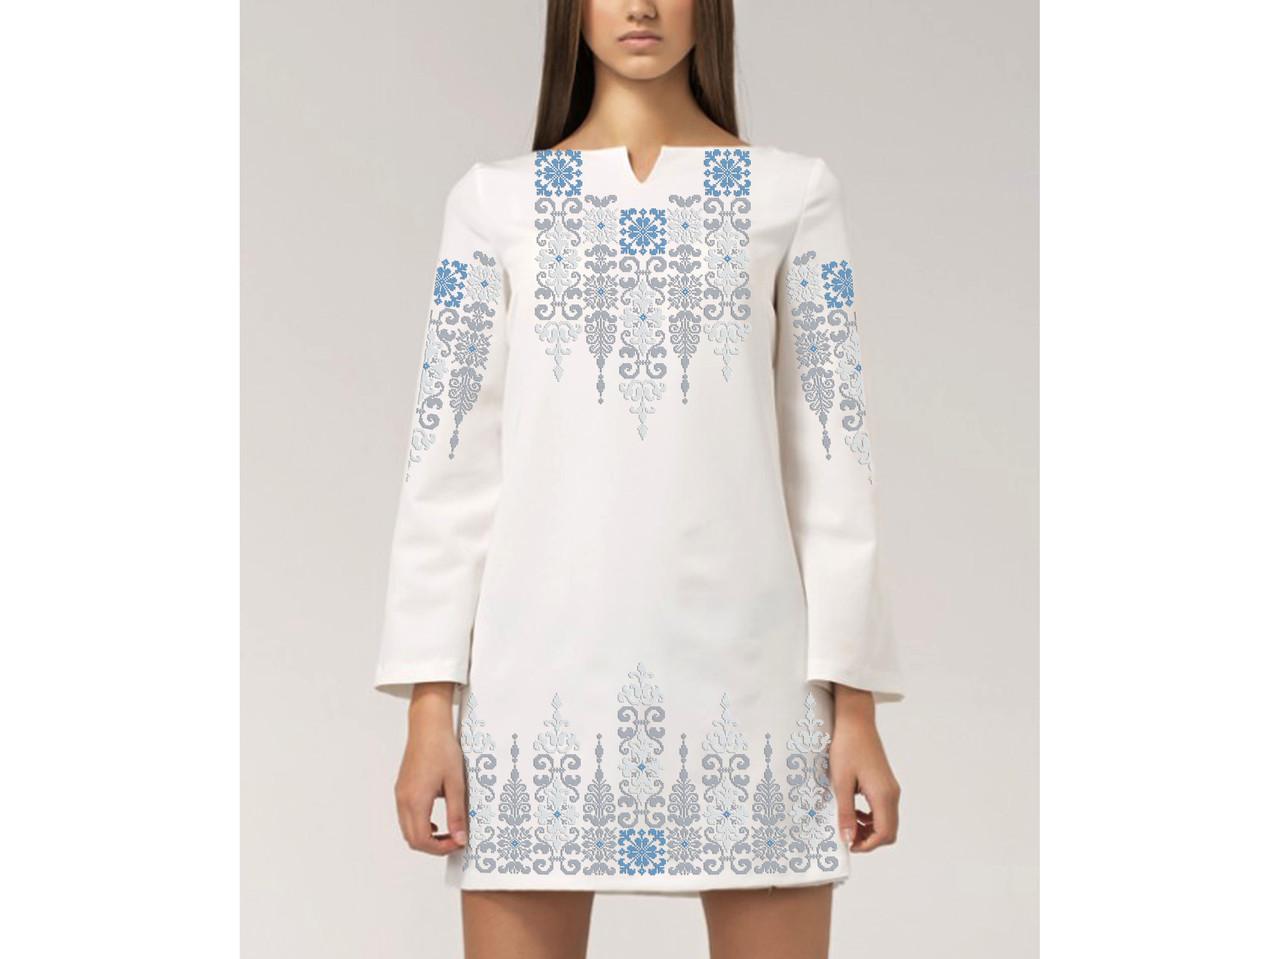 Заготовка жіночого плаття чи сукні для вишивки та вишивання бісером Бисерок  «Флірт світле» (П-165 ГБ) Габардин